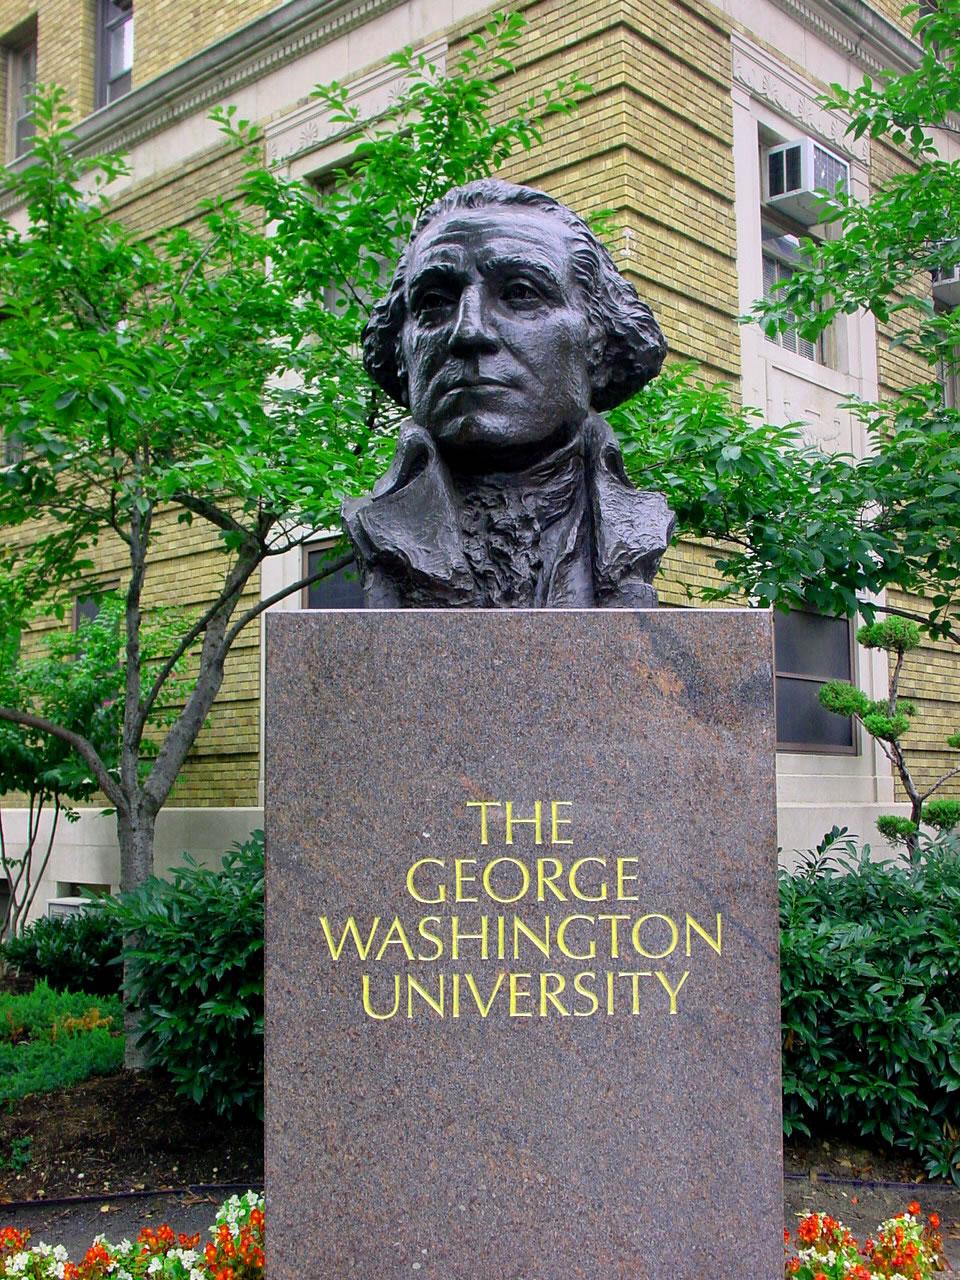 Obamacare Hits George Washington University